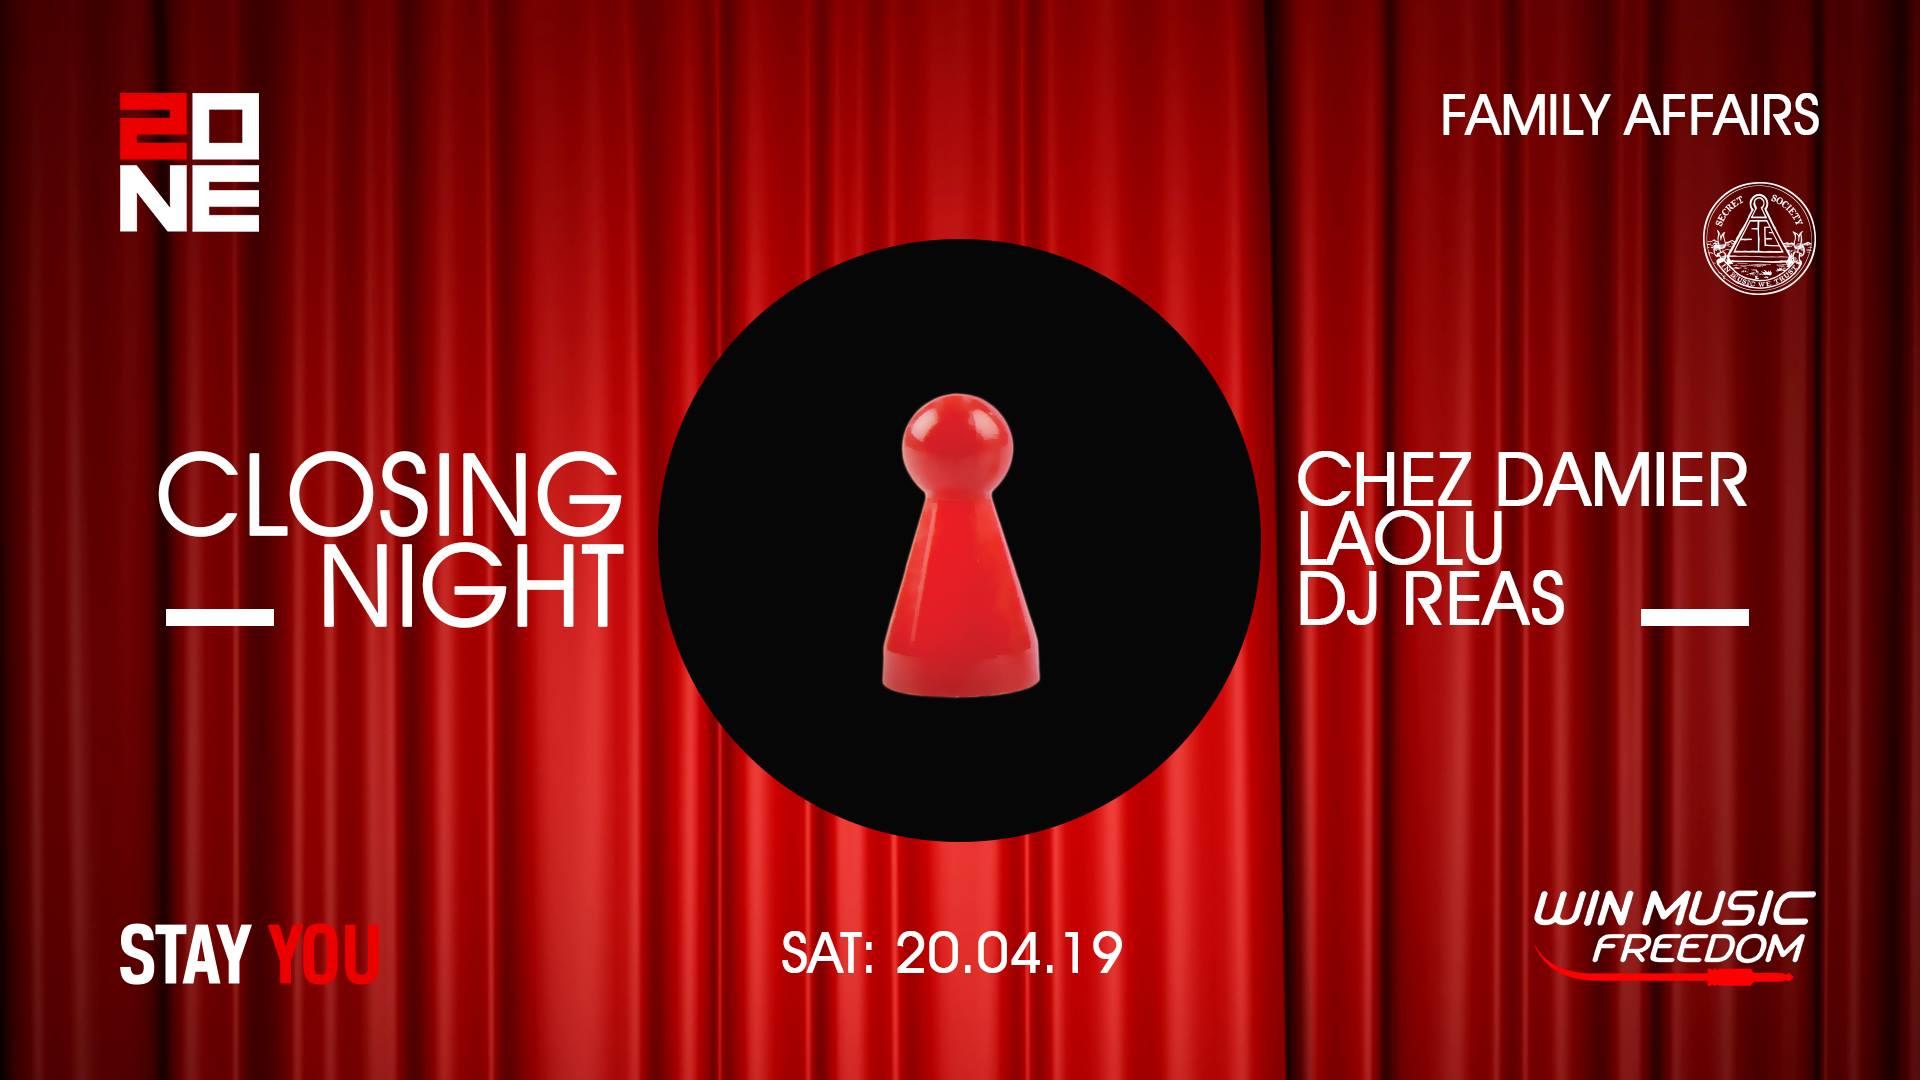 Family Affairs pt. 7 : Chez Damier, Laolu, Dj Reas - @Zone Club